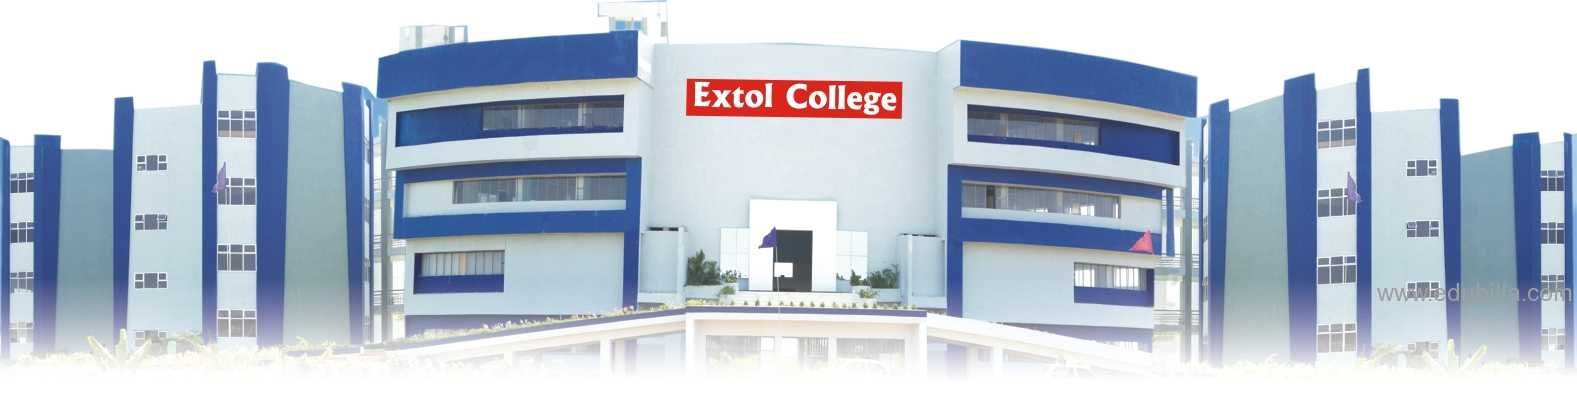 extol_college_bawariya_kalan_bhopal1.jpg